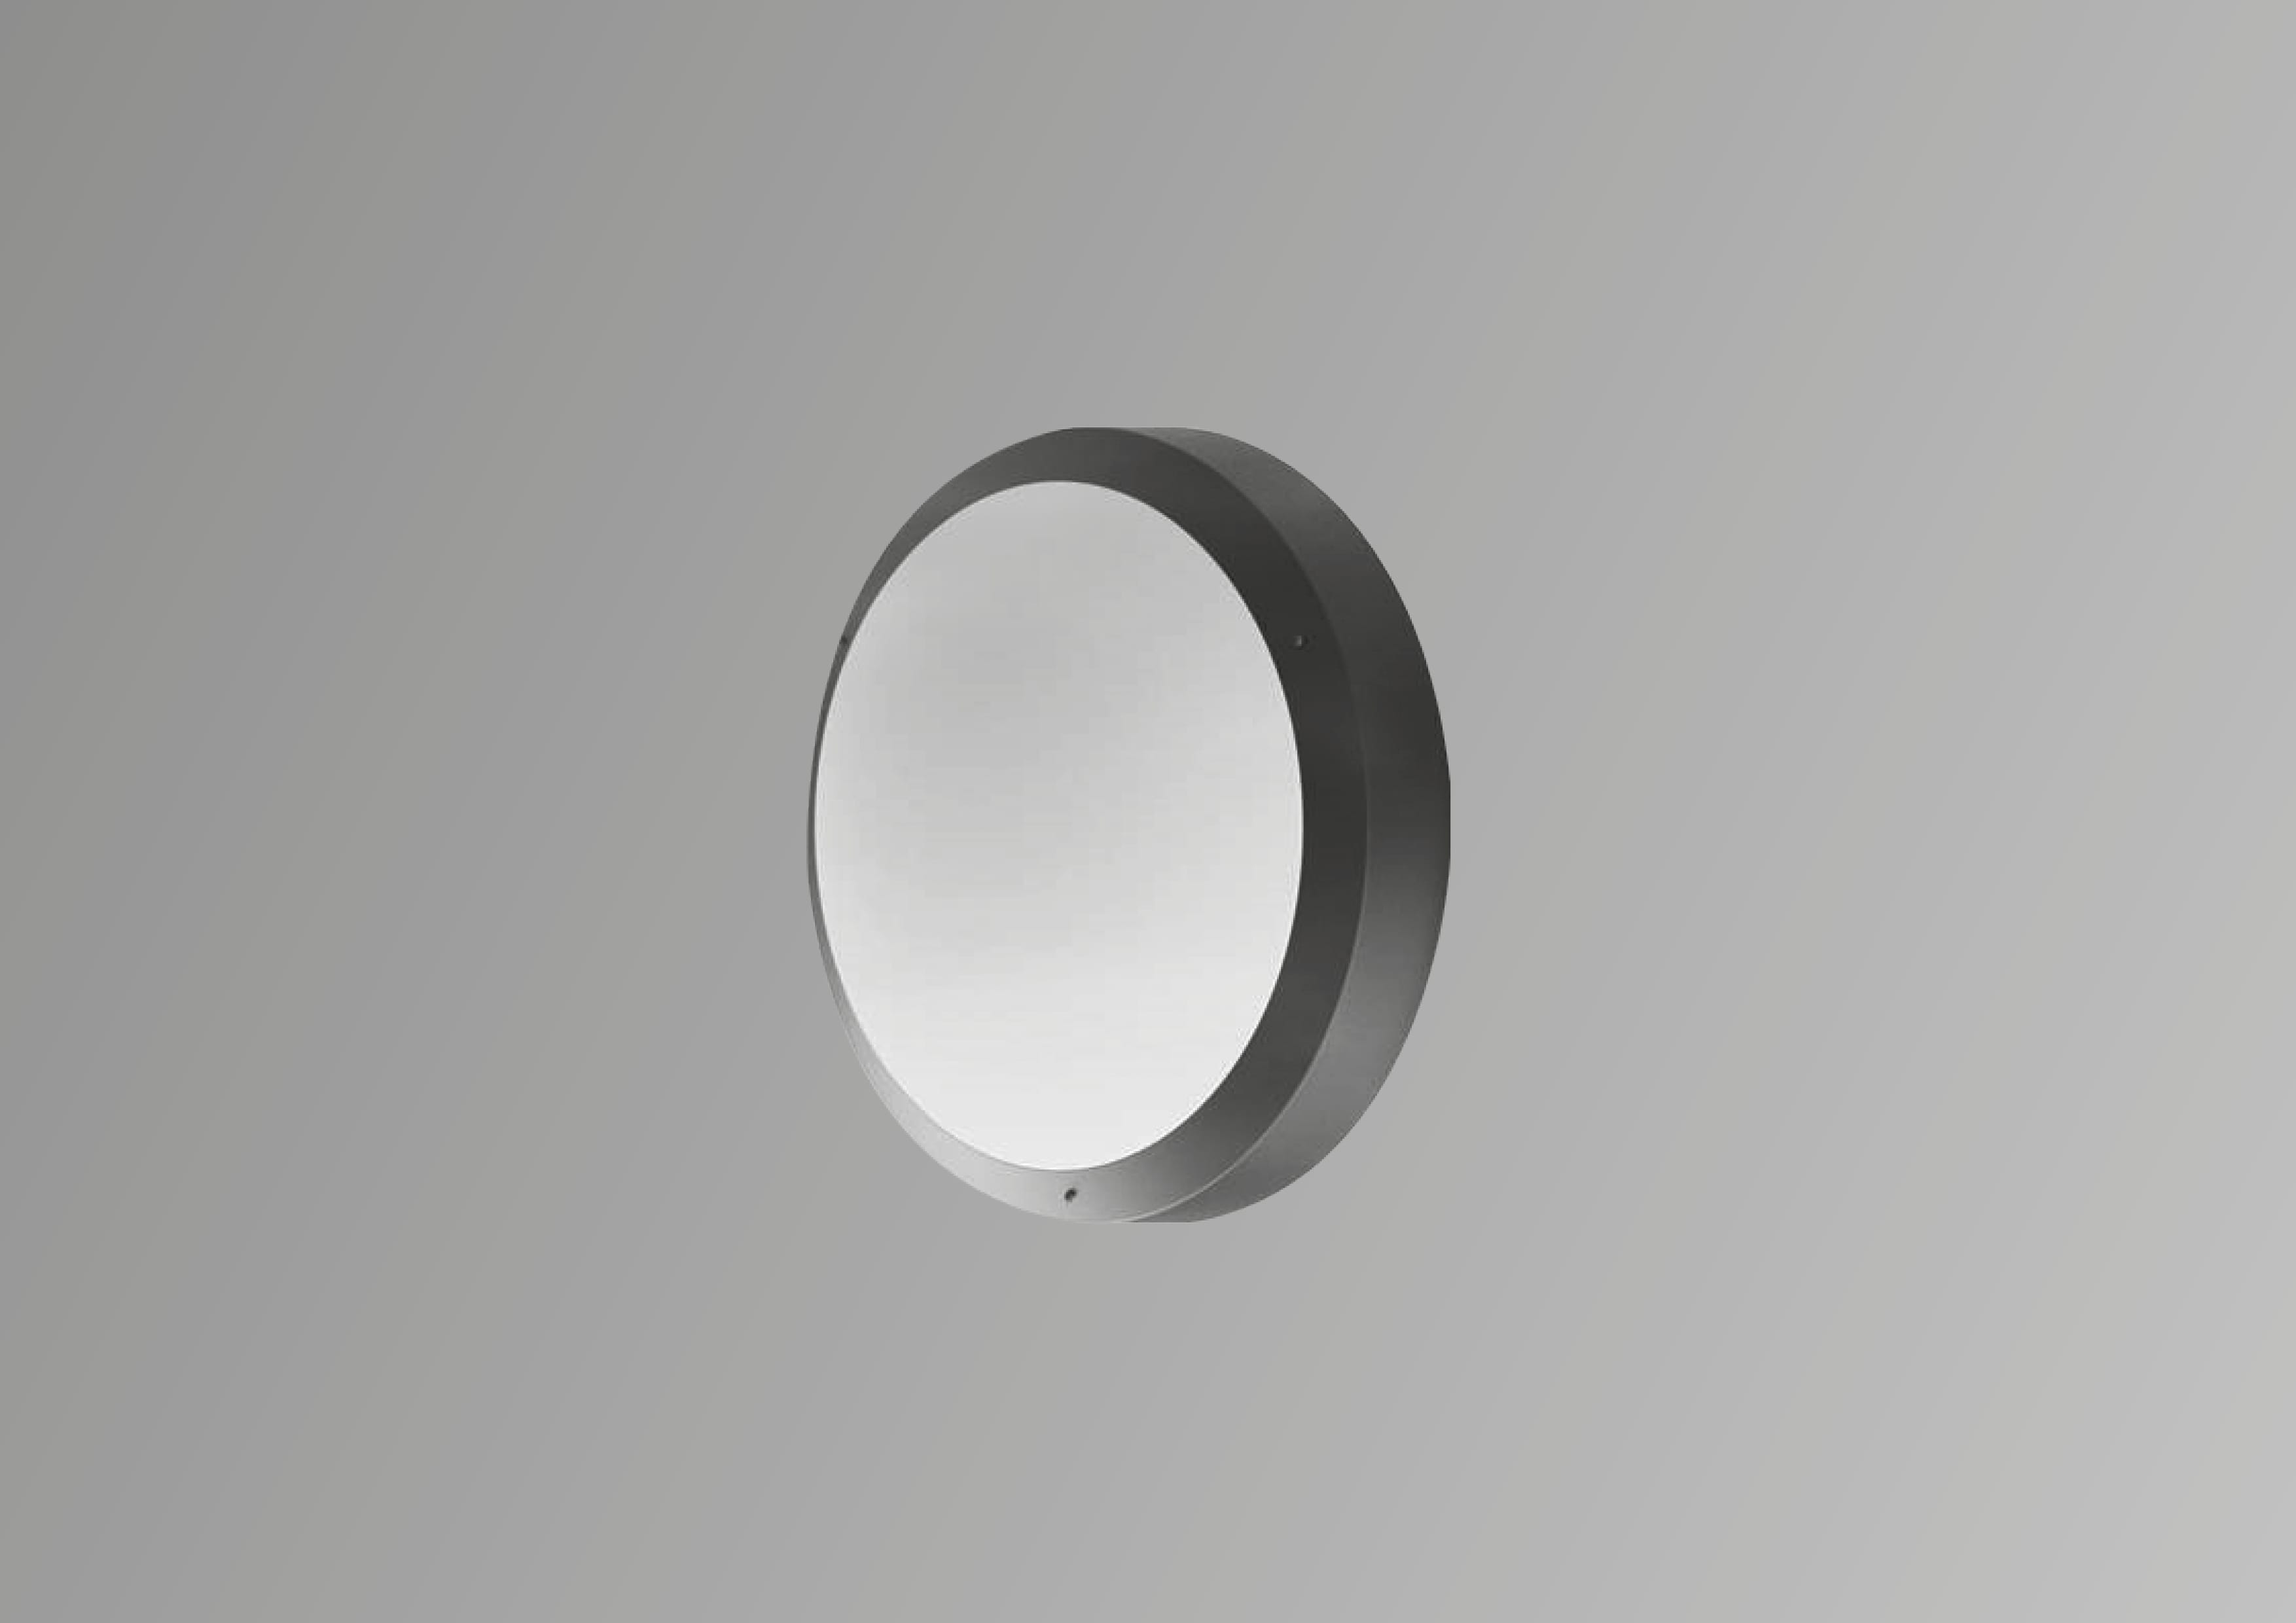 https://contrac-lighting.co.uk/wp-content/uploads/2018/02/ORBIT2.jpg